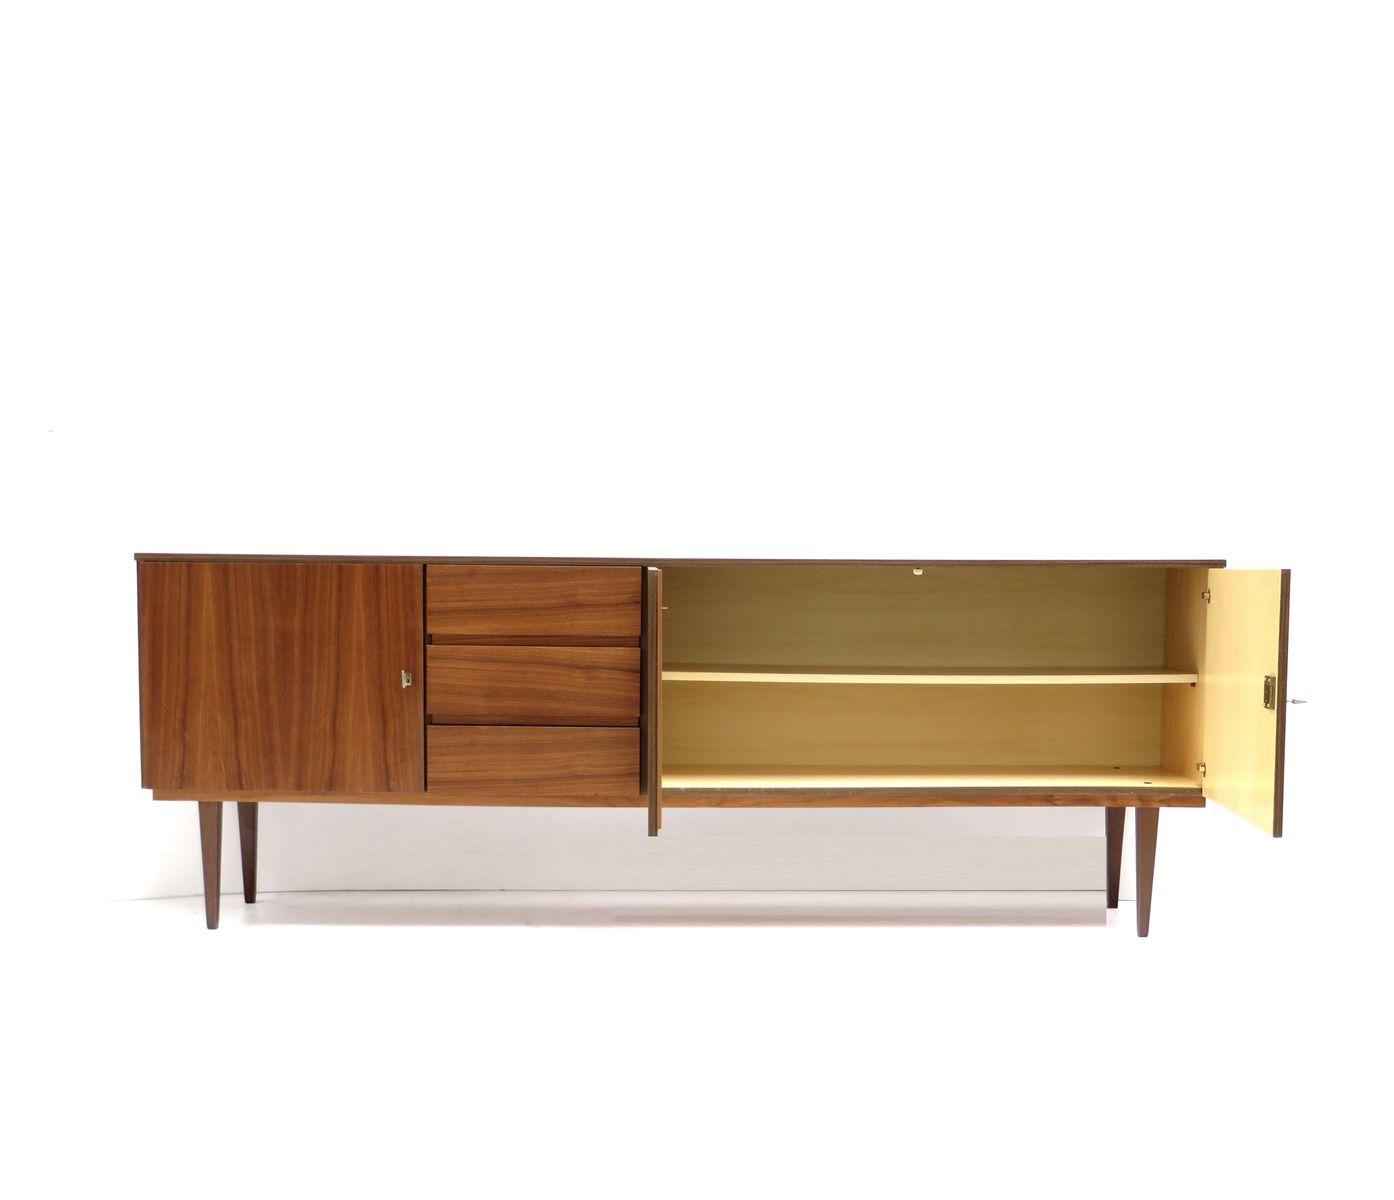 langes vintage sideboard mit drei schubladen und t ren. Black Bedroom Furniture Sets. Home Design Ideas